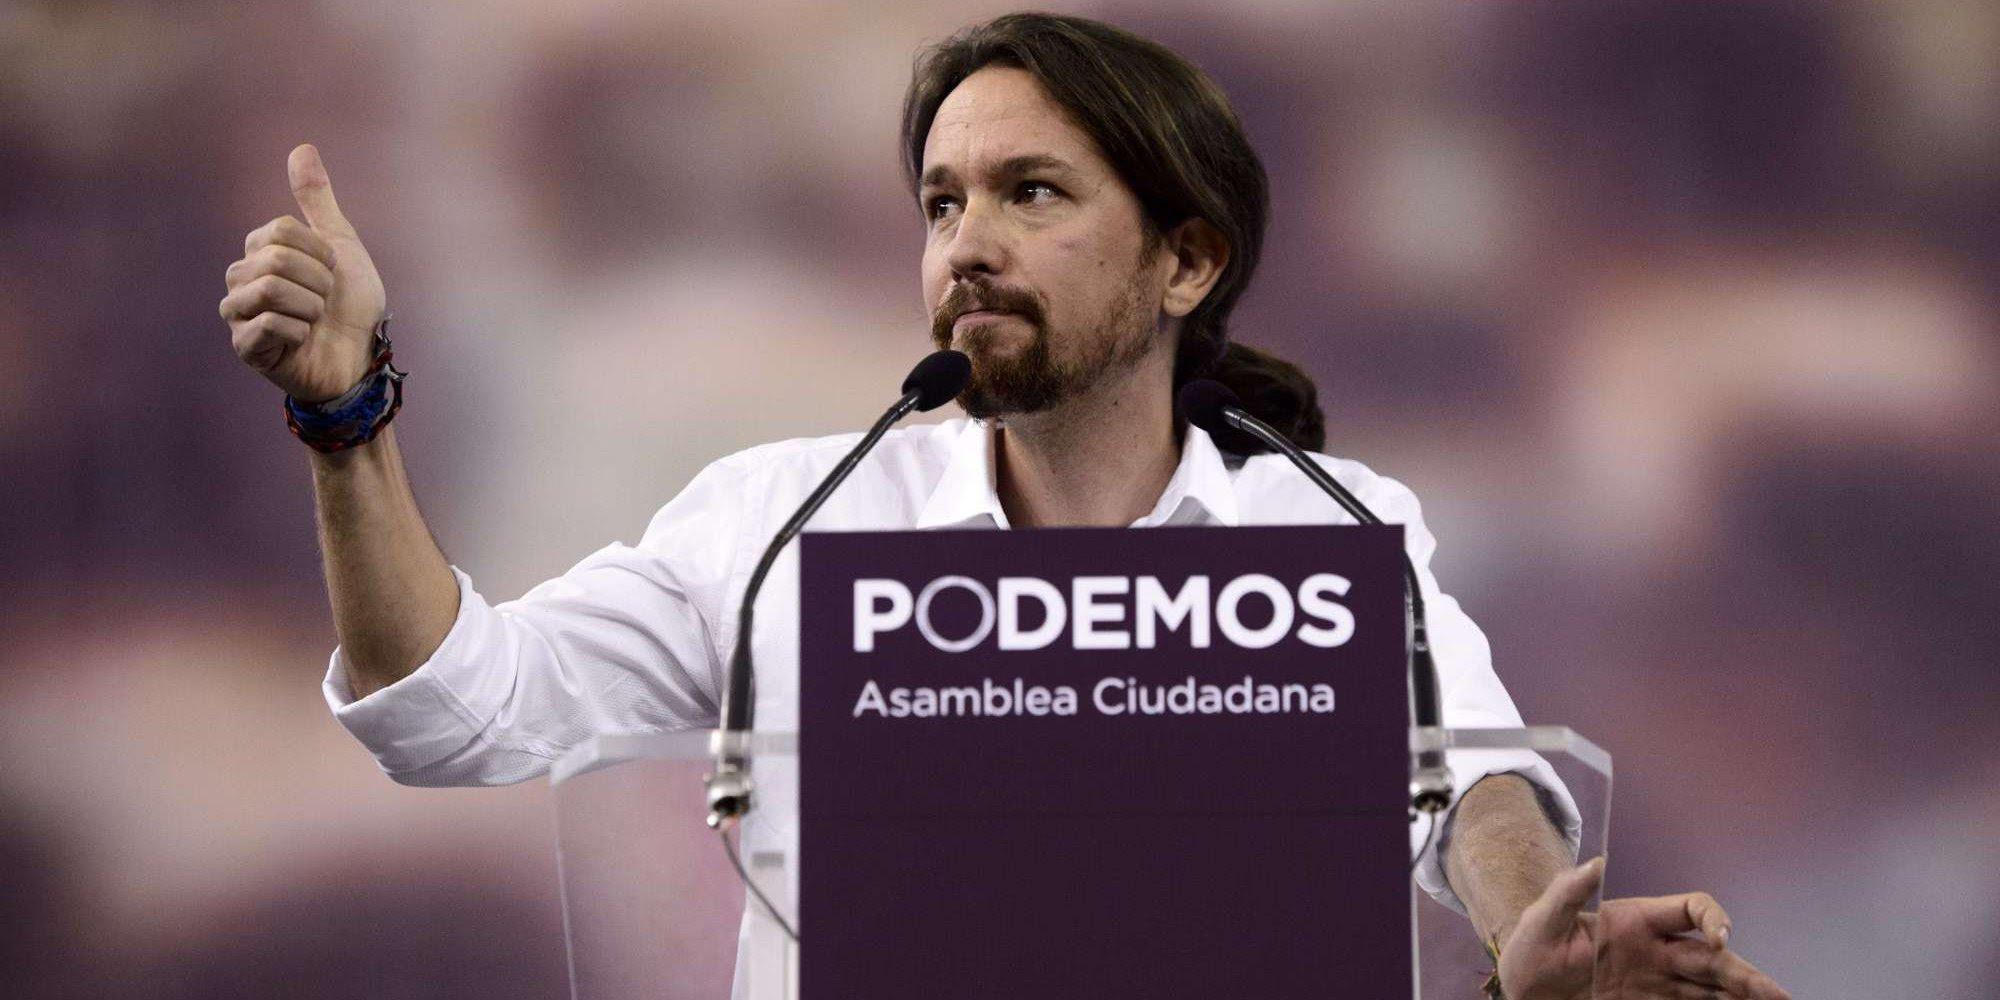 Risultati immagini per Pablo Iglesias podemos